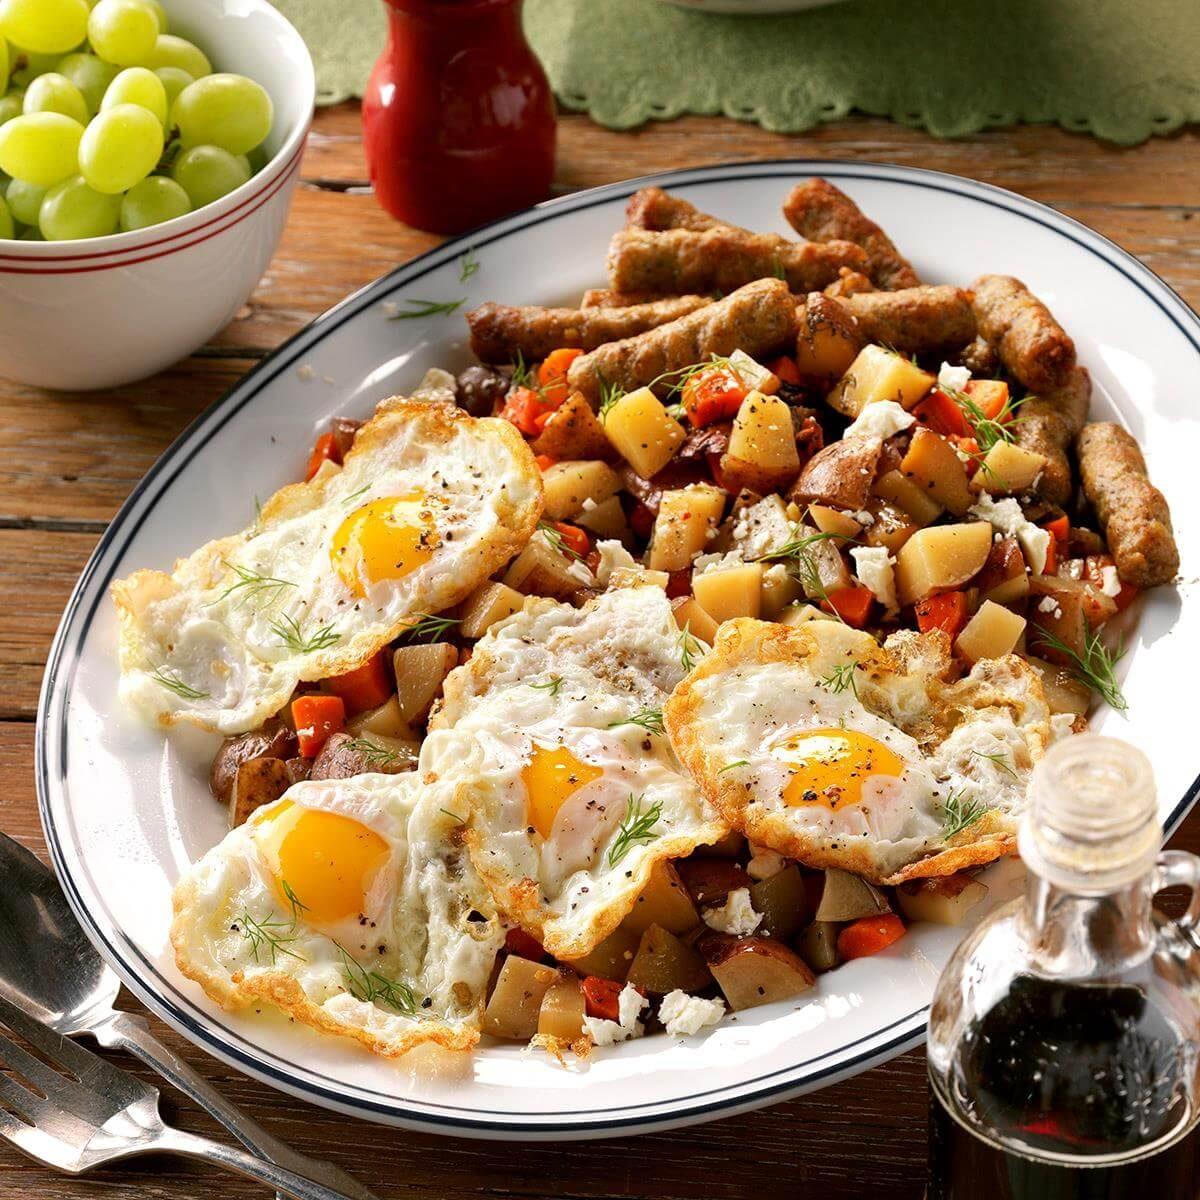 25 Hearty St. Patrick's Day Breakfast Ideas